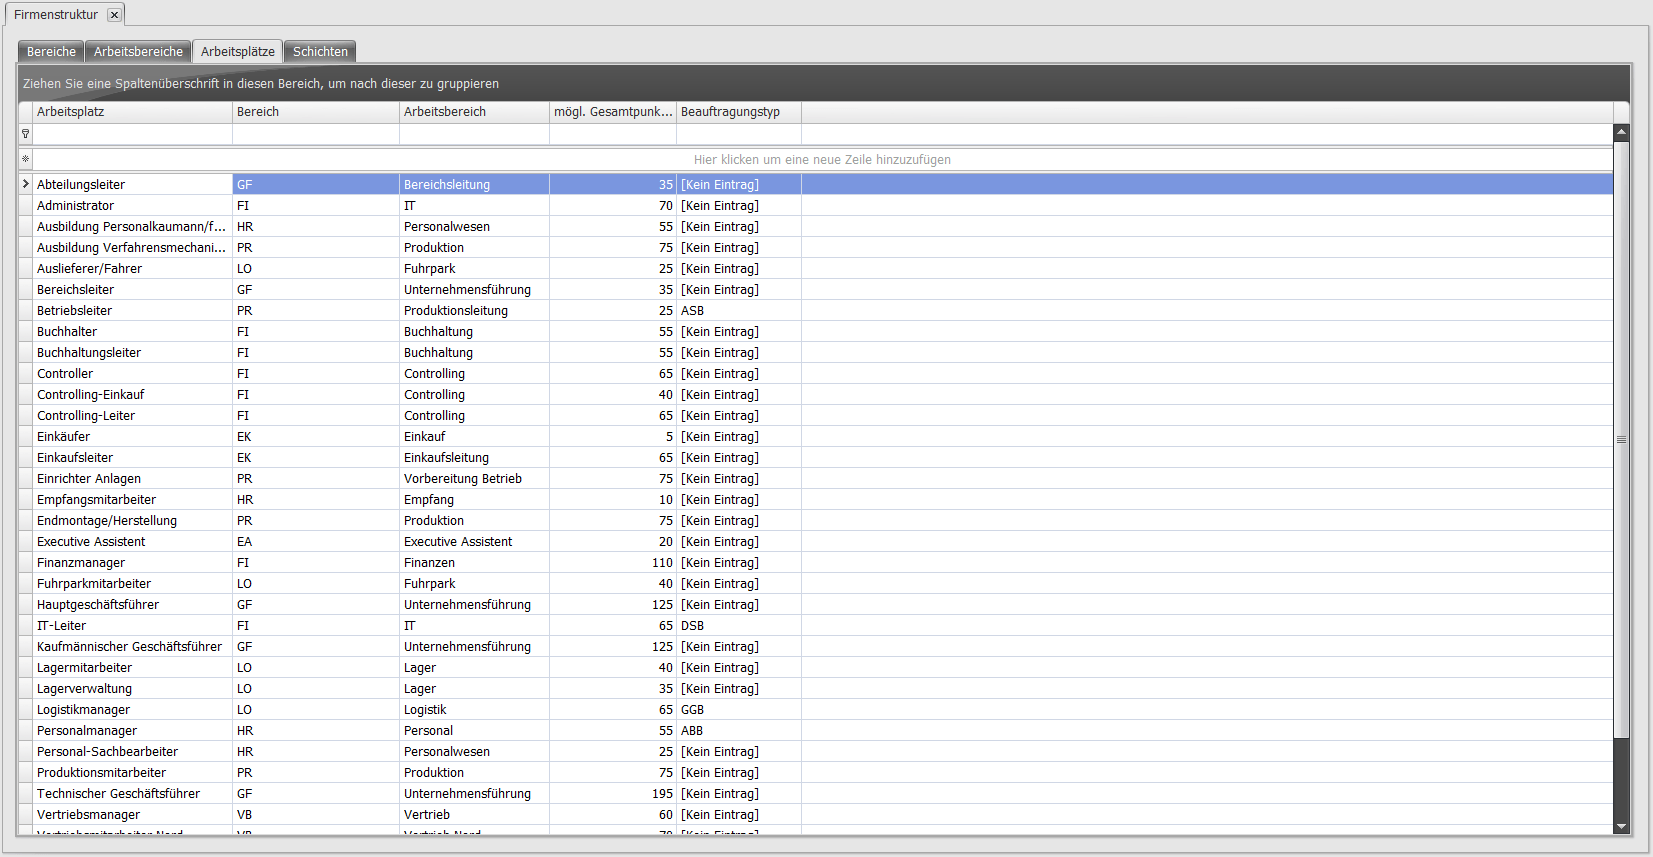 Stammdaten